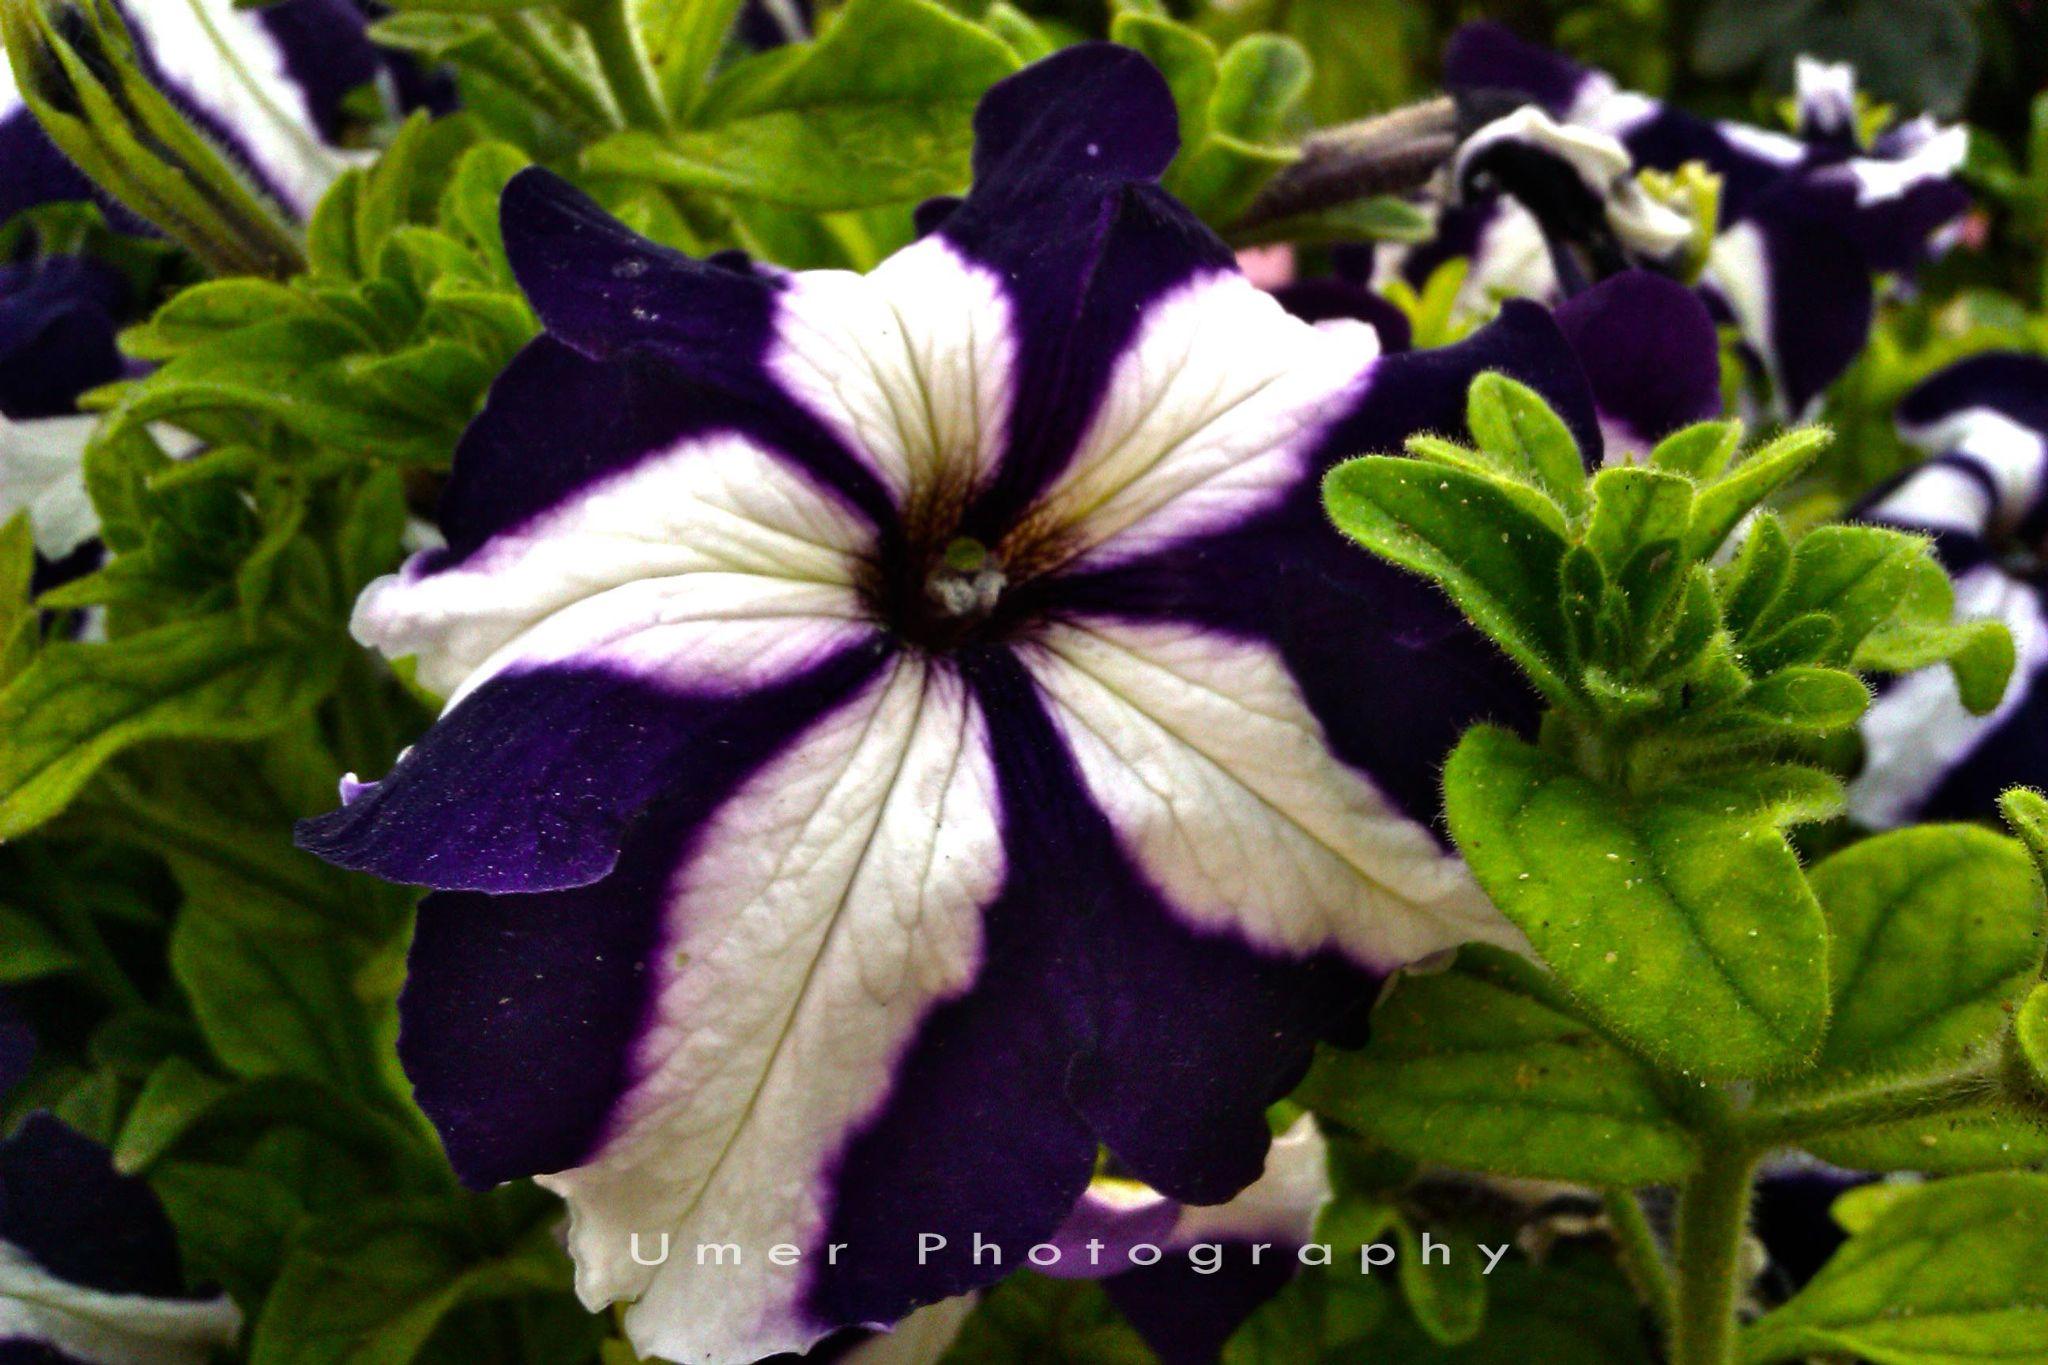 Flower by mohammad.umer.161